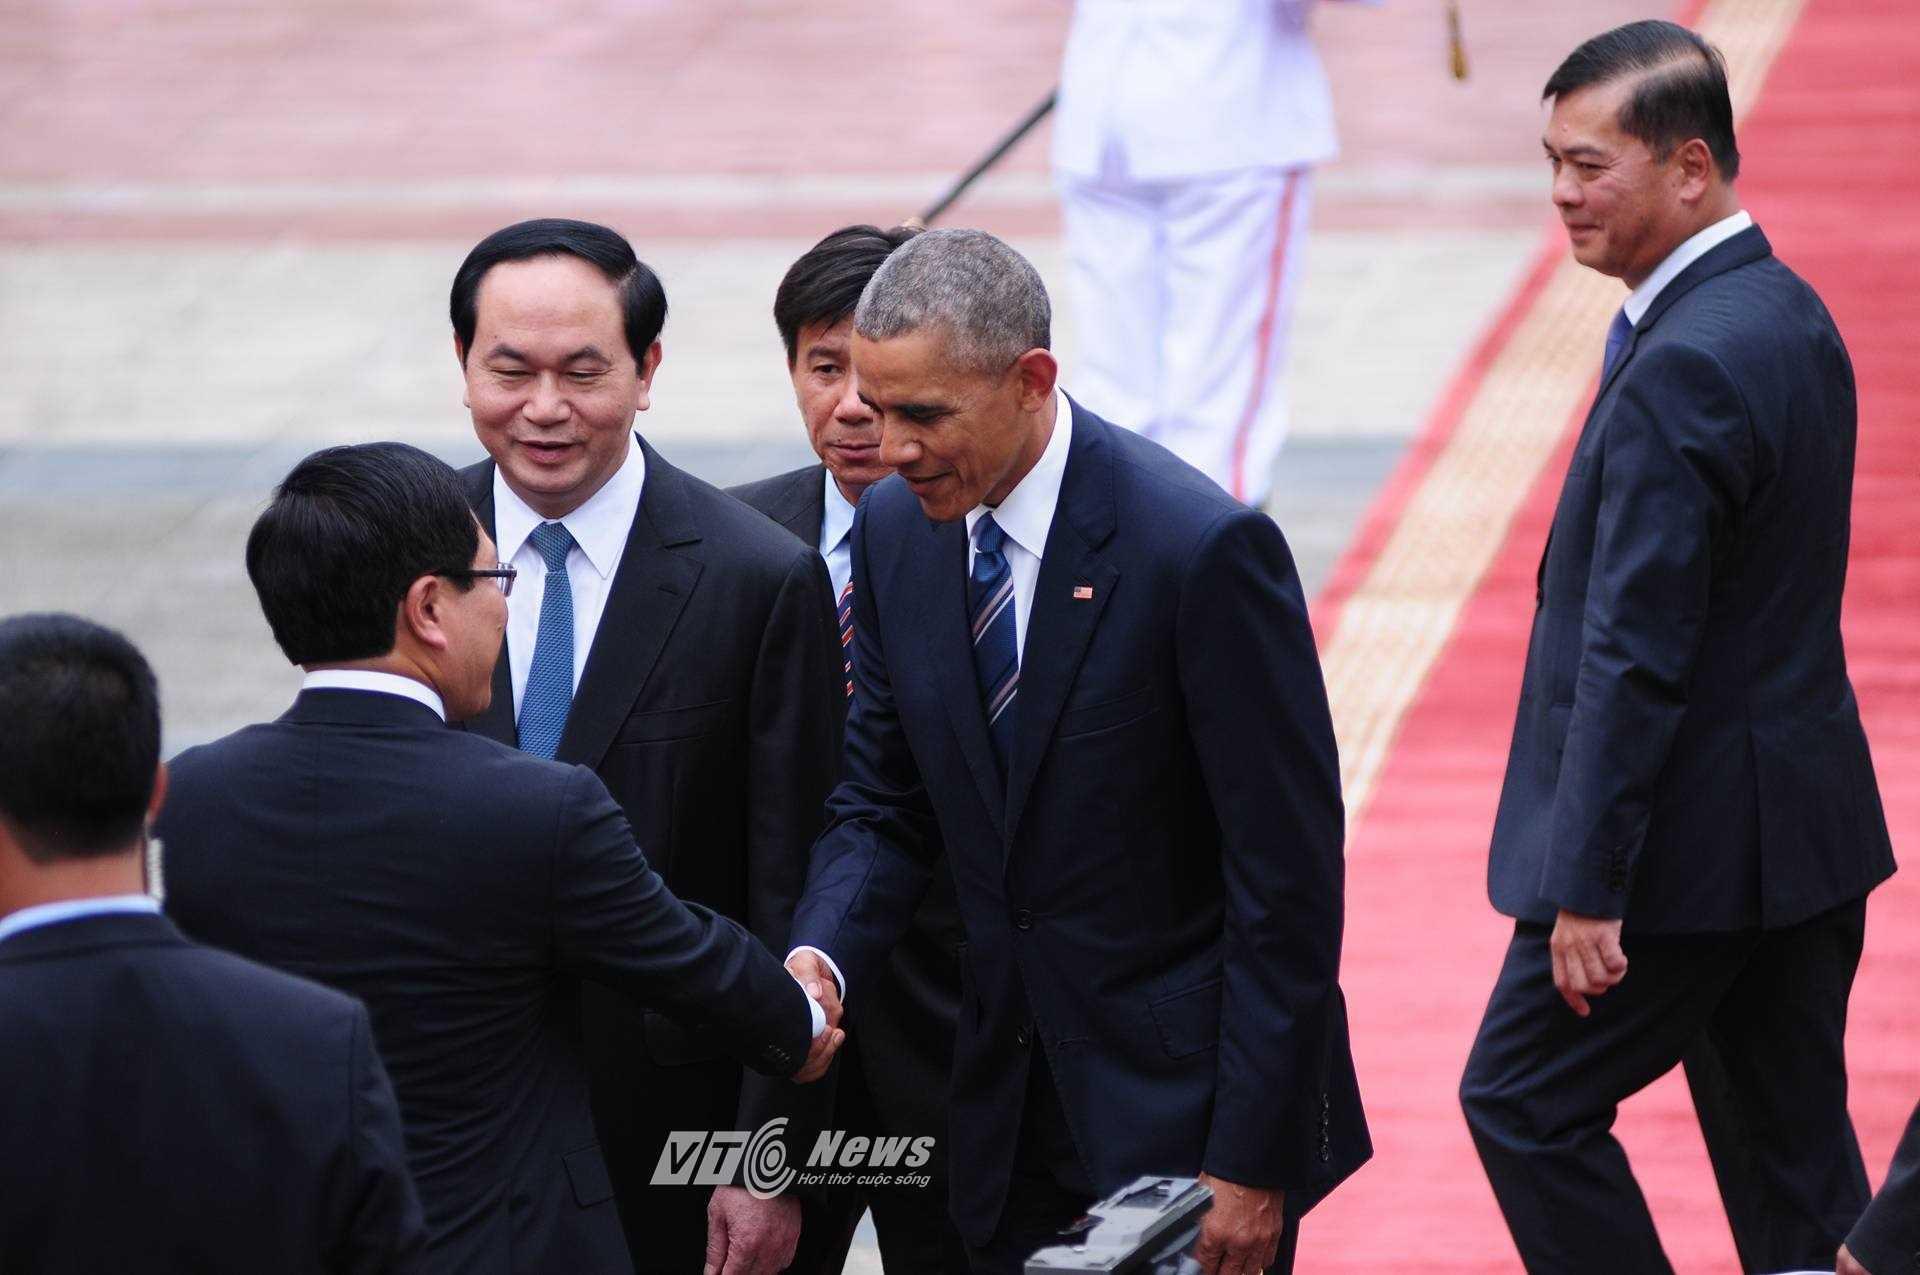 Các vị lãnh đạo cấp cao tiếp đón ông Obama(Ảnh: Tùng Đinh)